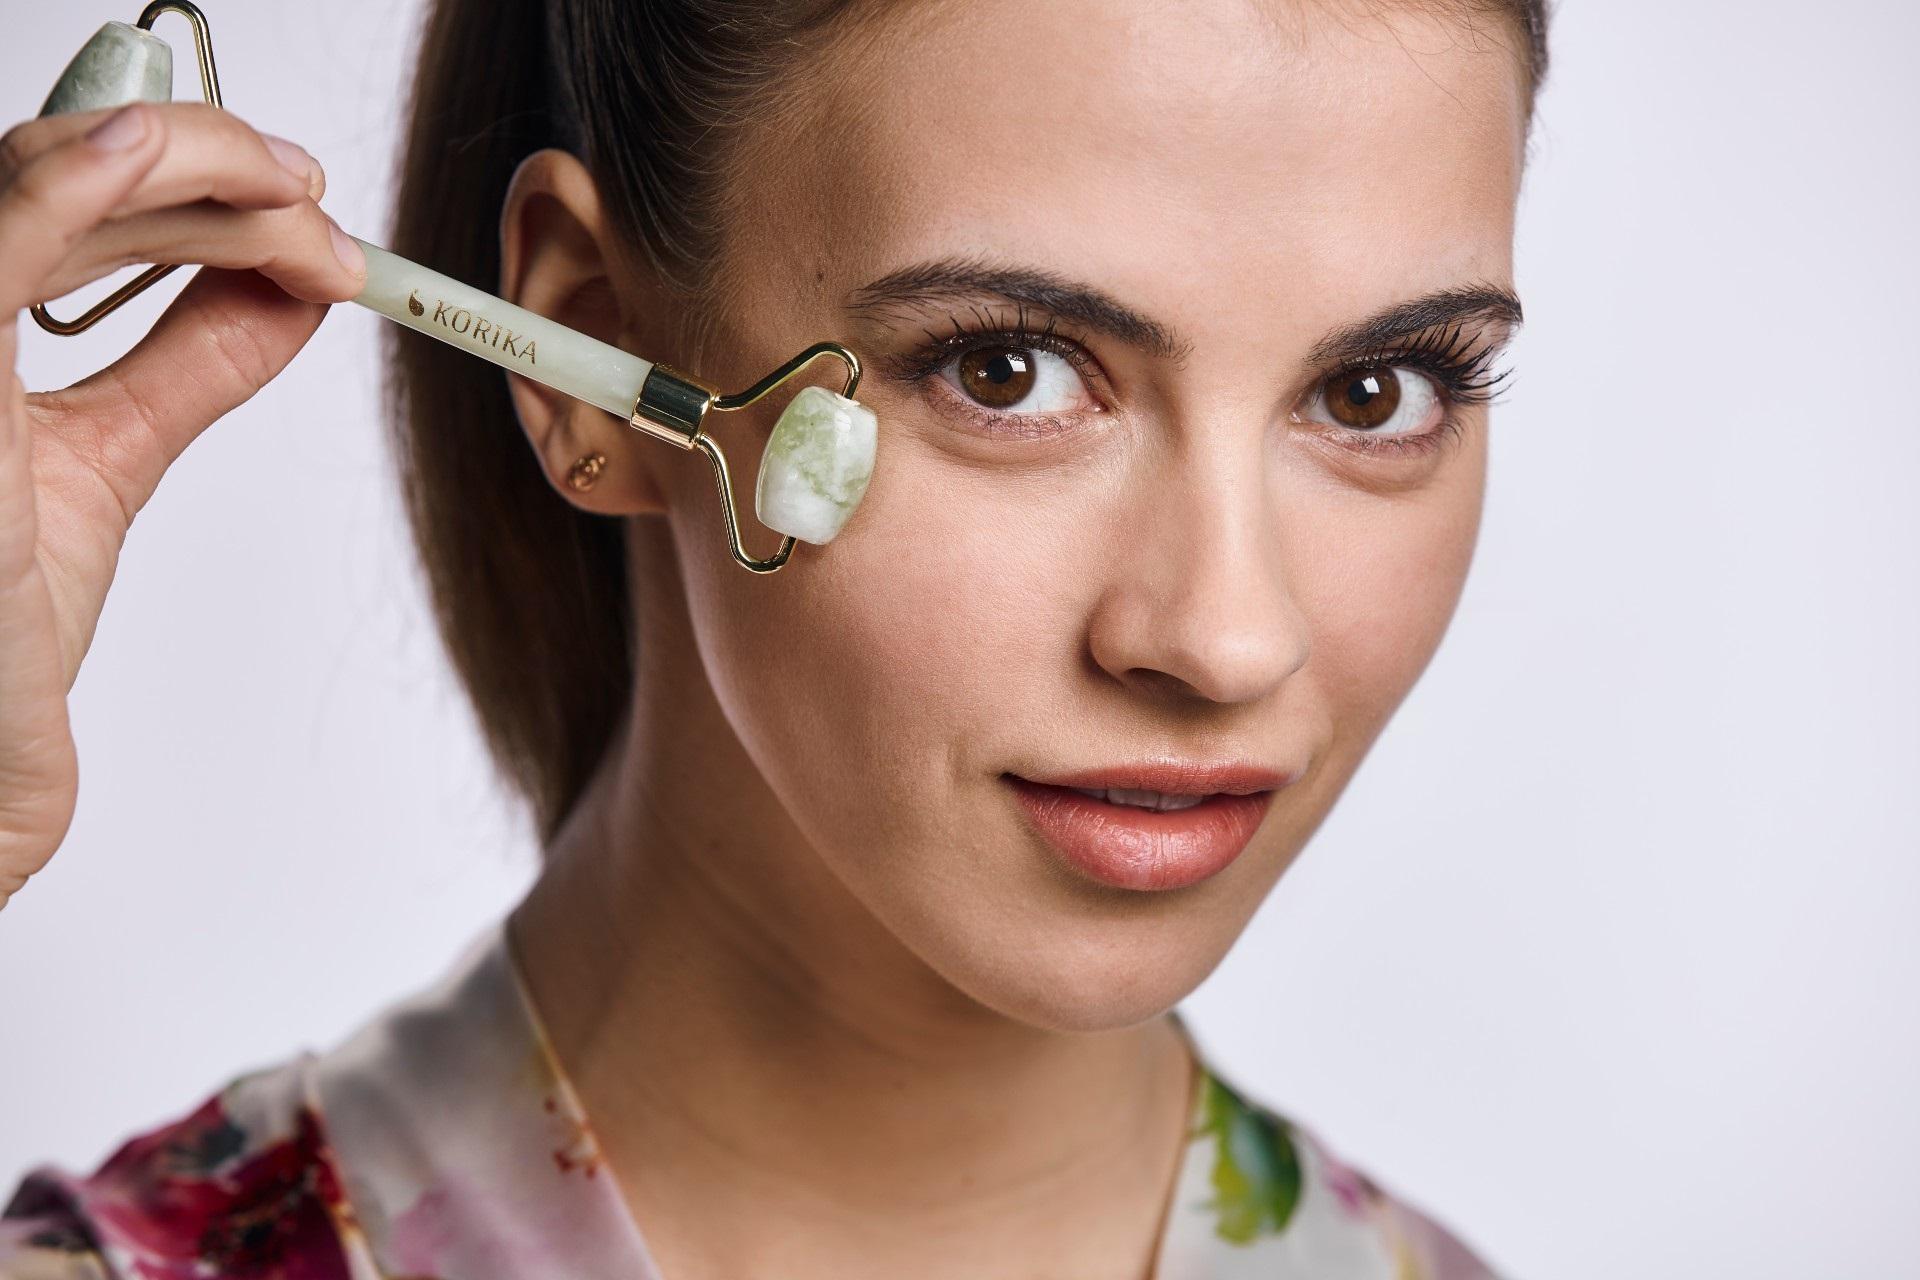 ¿Cómo hacer un masaje facial? Los mejores accesorios